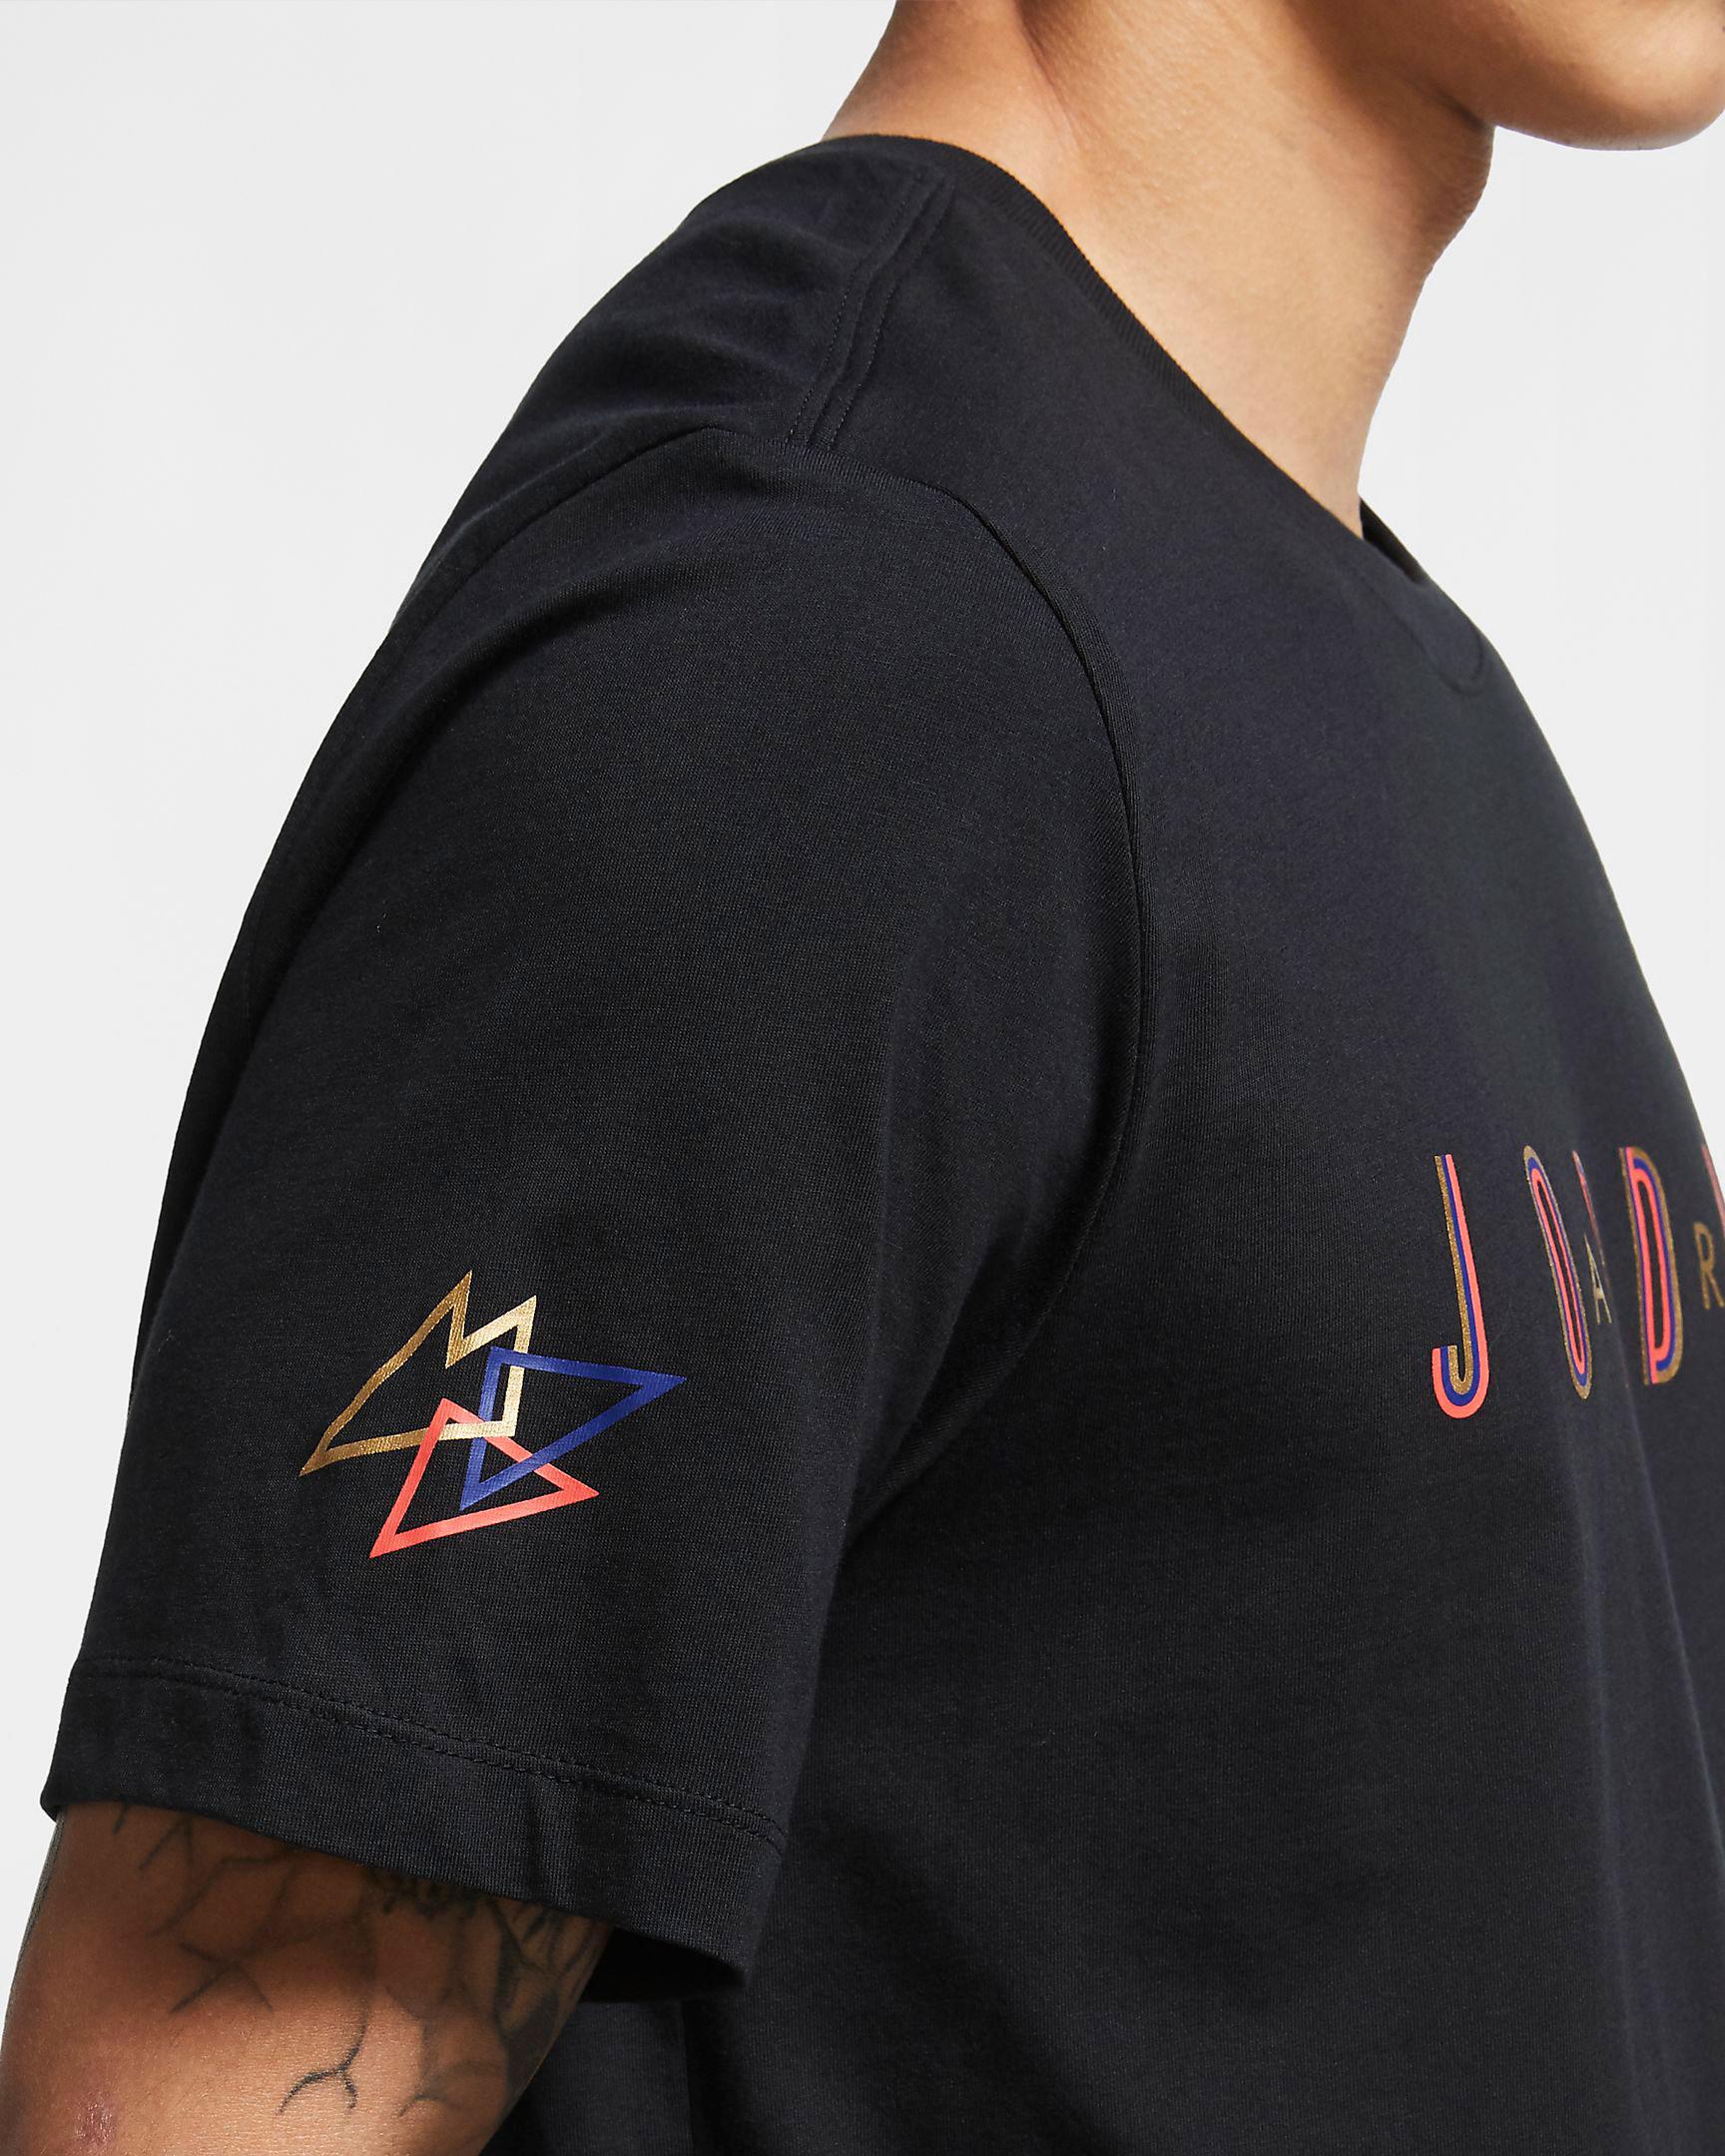 air-jordan-7-greater-china-shirt-match-3